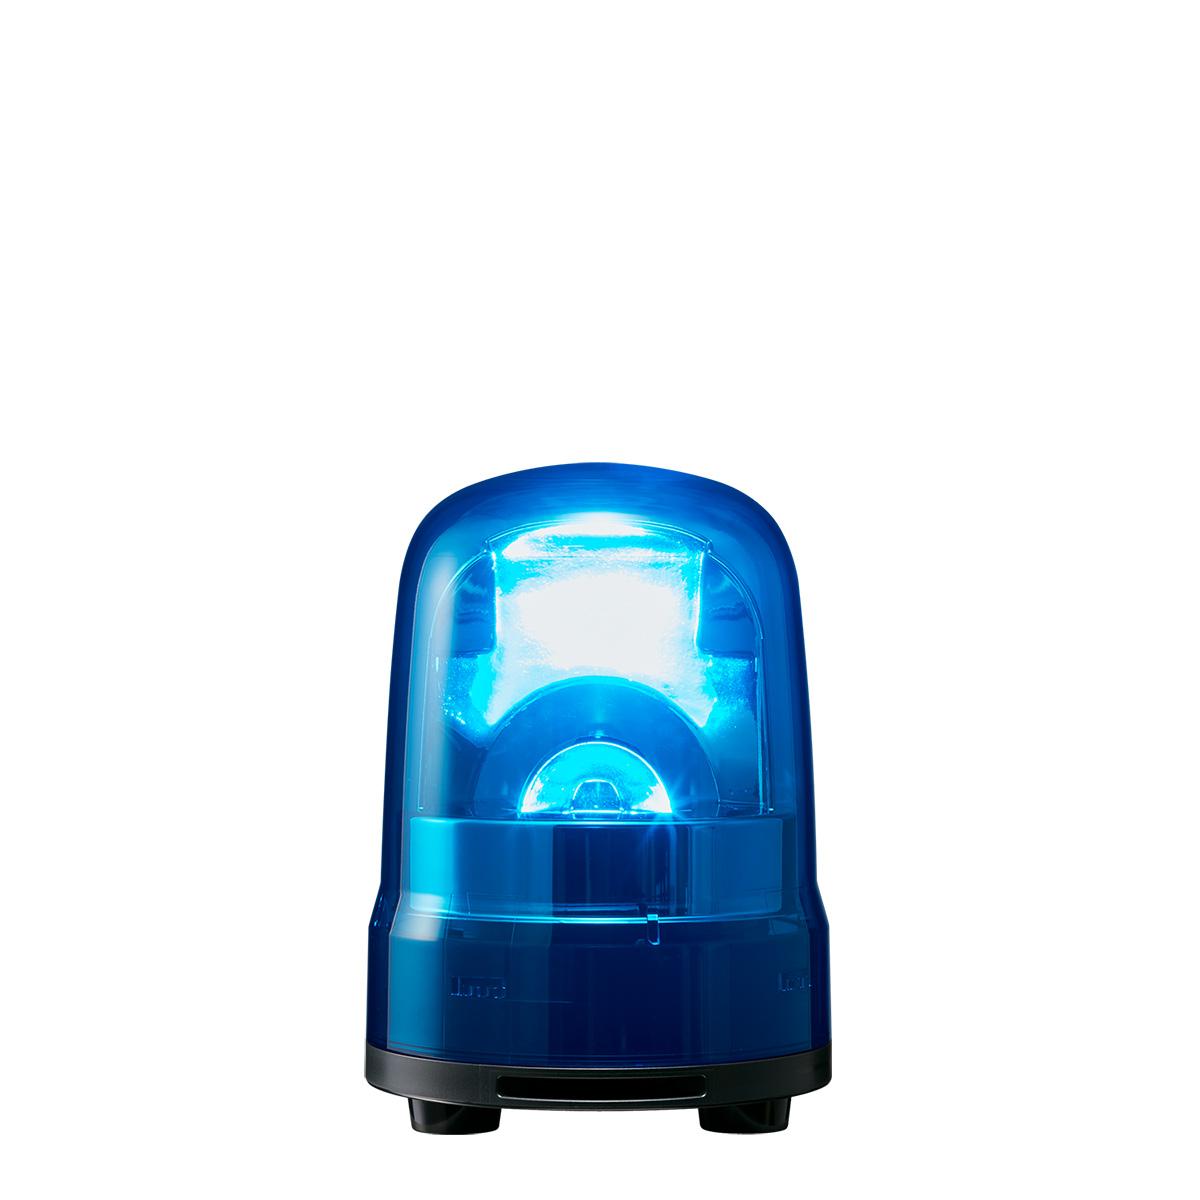 注文割引 パトライト LED回転灯(ブラシレスモータ) ※受注生産品 SK AC100V 3.3W 100mm ブルー(青色) ACプラグ付コード ブザーあり SKH-M2B-B ※受注生産品, イシドリヤチョウ:1b0fe666 --- feiertage-api.de